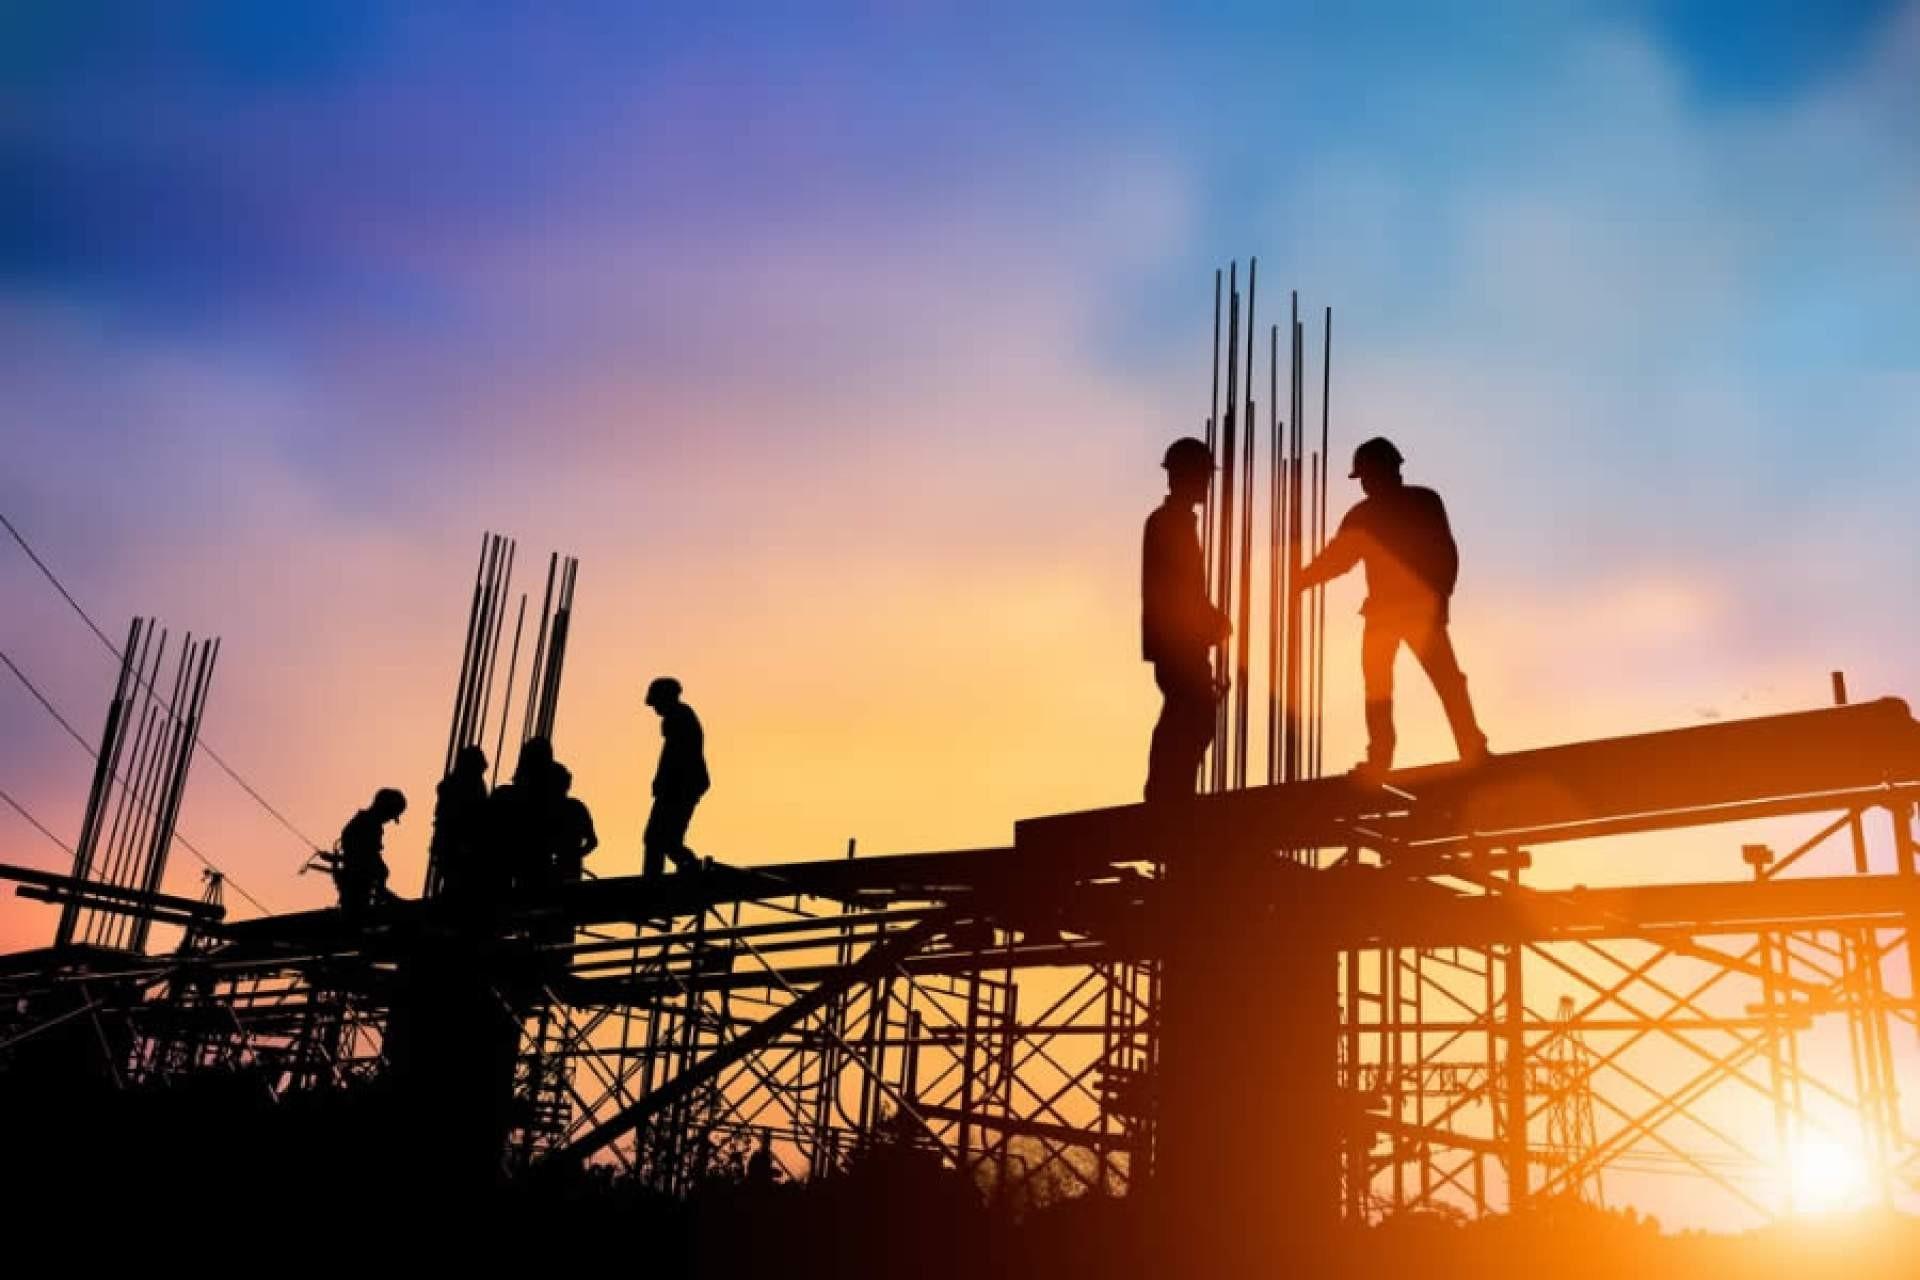 Em vez de emitir, construção civil vai 'sequestrar' CO2 no futuro